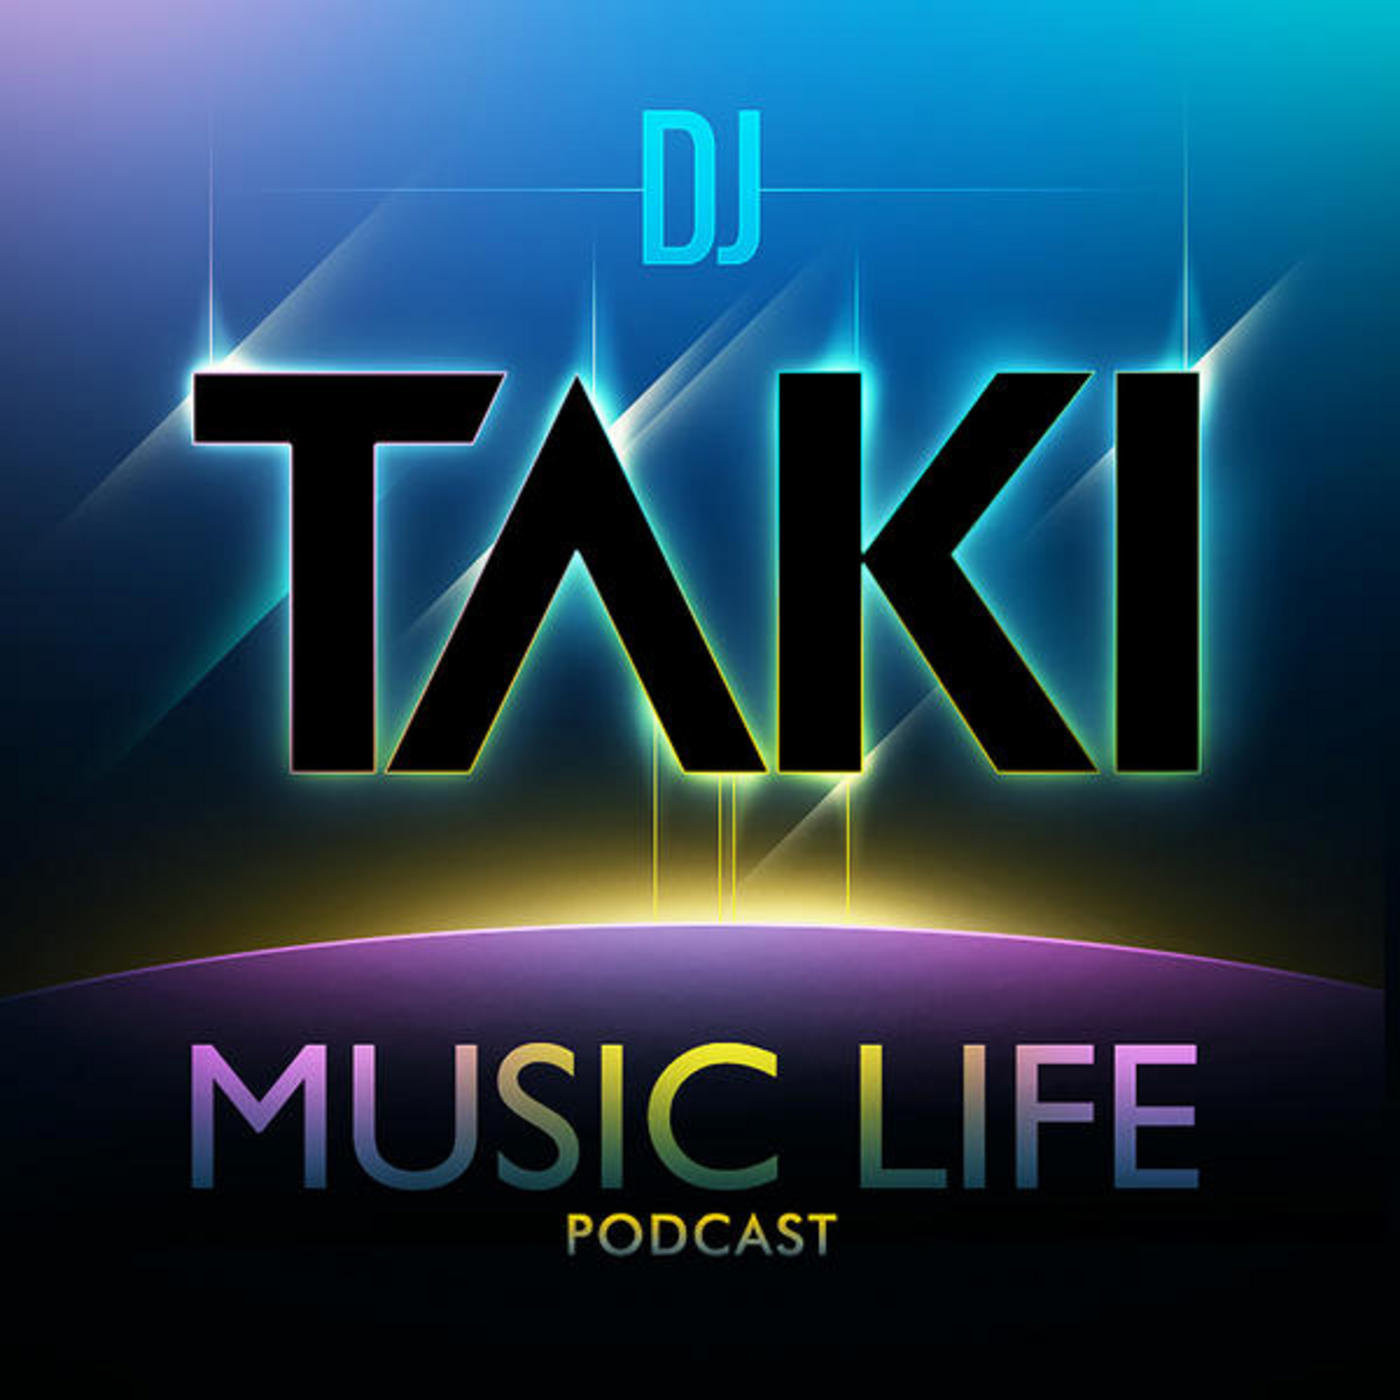 Taki Taki Mp3: Episode 006 : Summer Electro Fever En DJ Taki Music Life